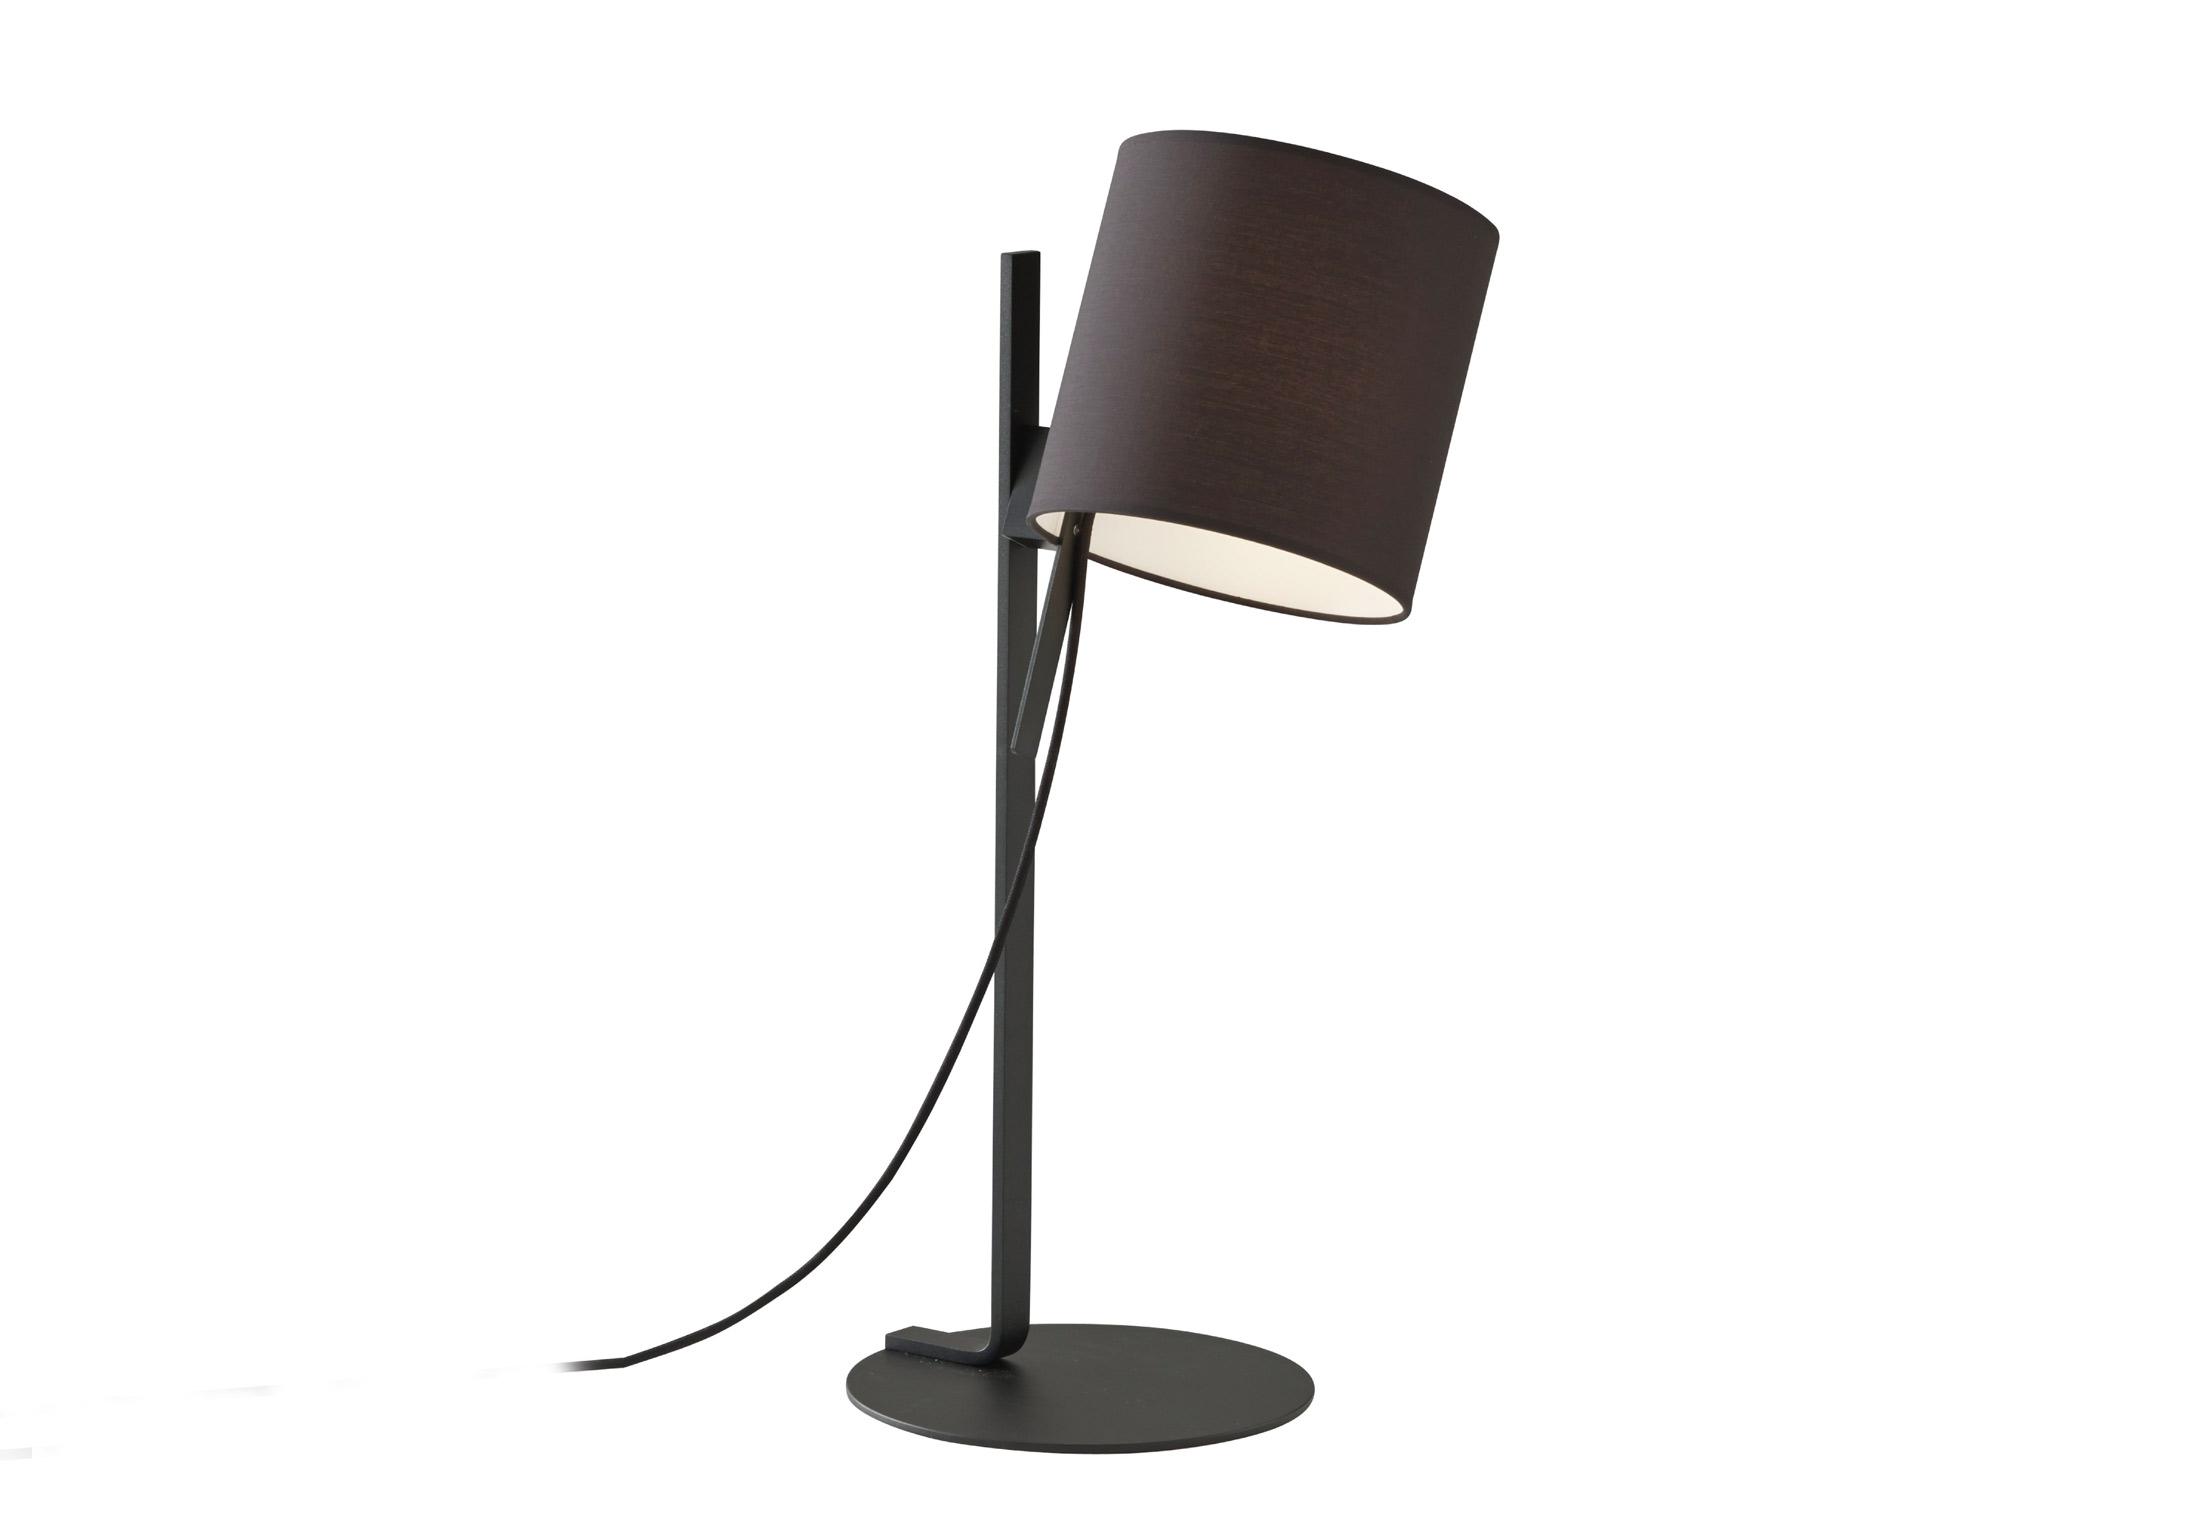 Magnet Lamp Table Lamp By Ligne Roset Stylepark